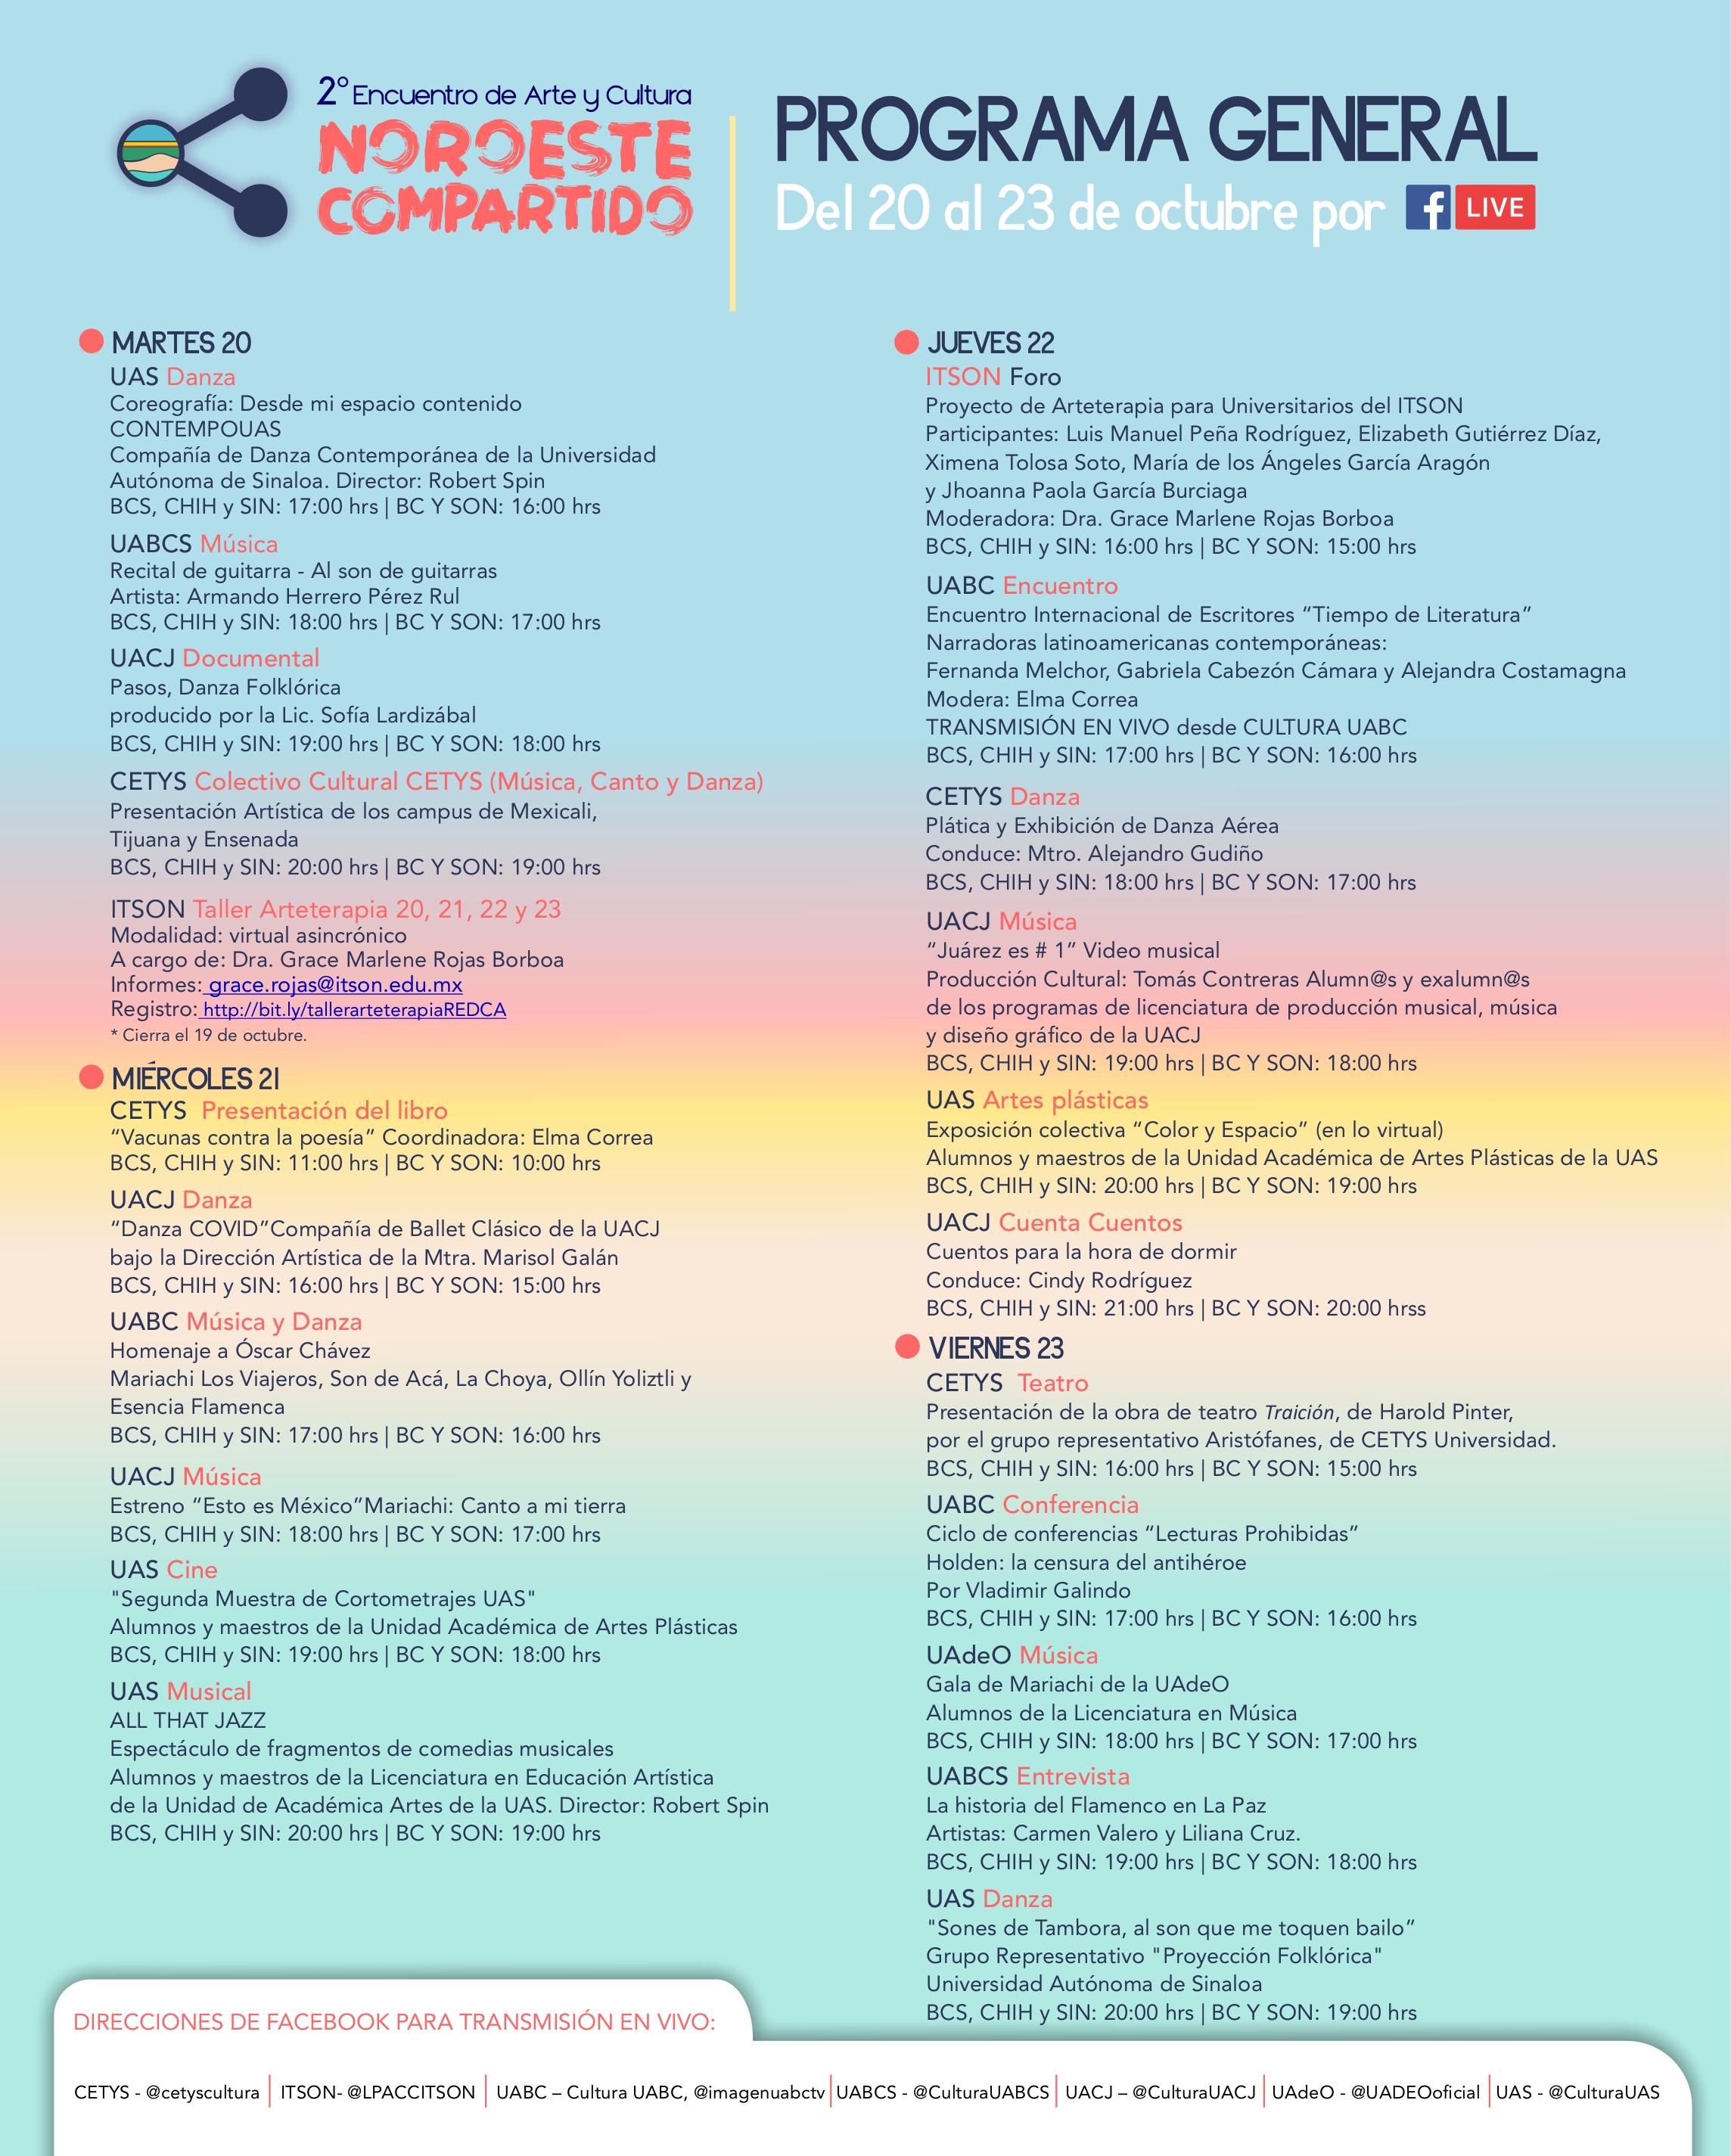 UABC, AUS, CETYS, Noroeste compartido, promoción de arte y cultura